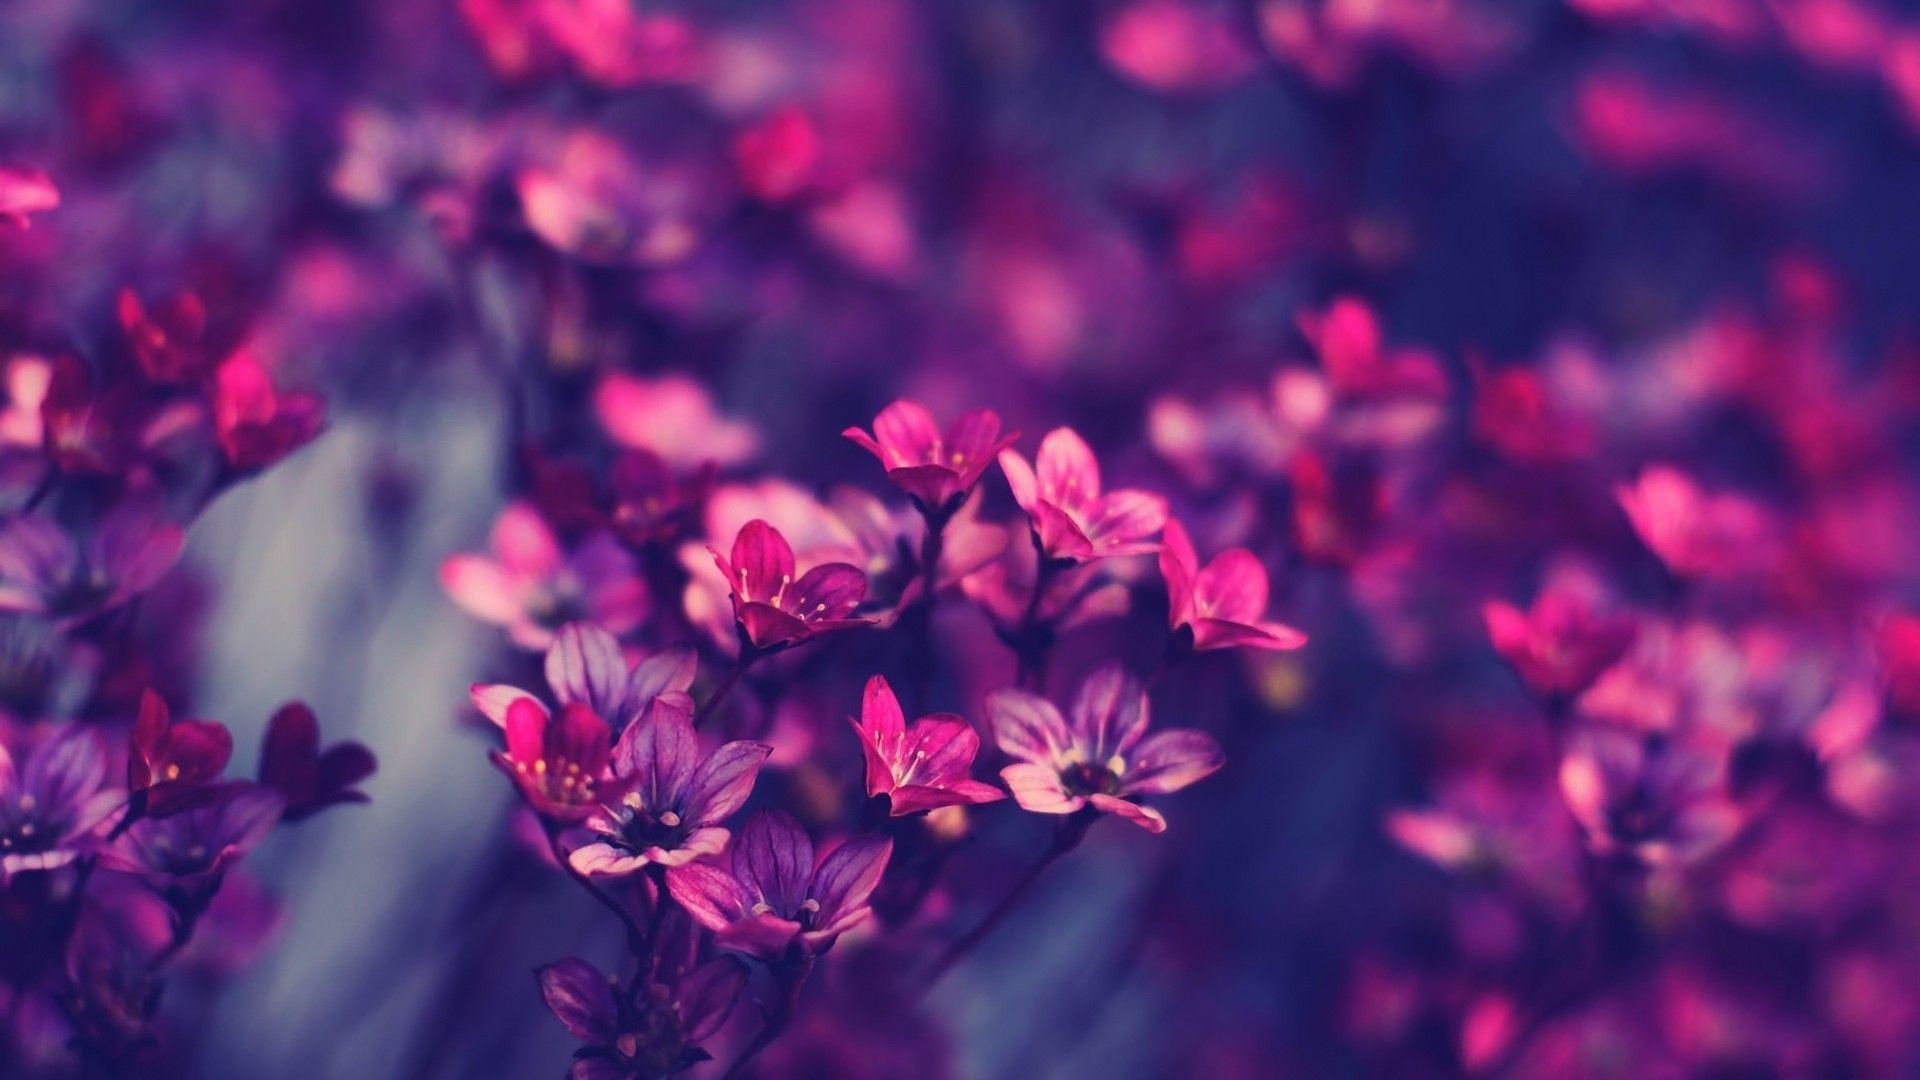 Floral Desktop Wallpapers Top Free Floral Desktop Backgrounds